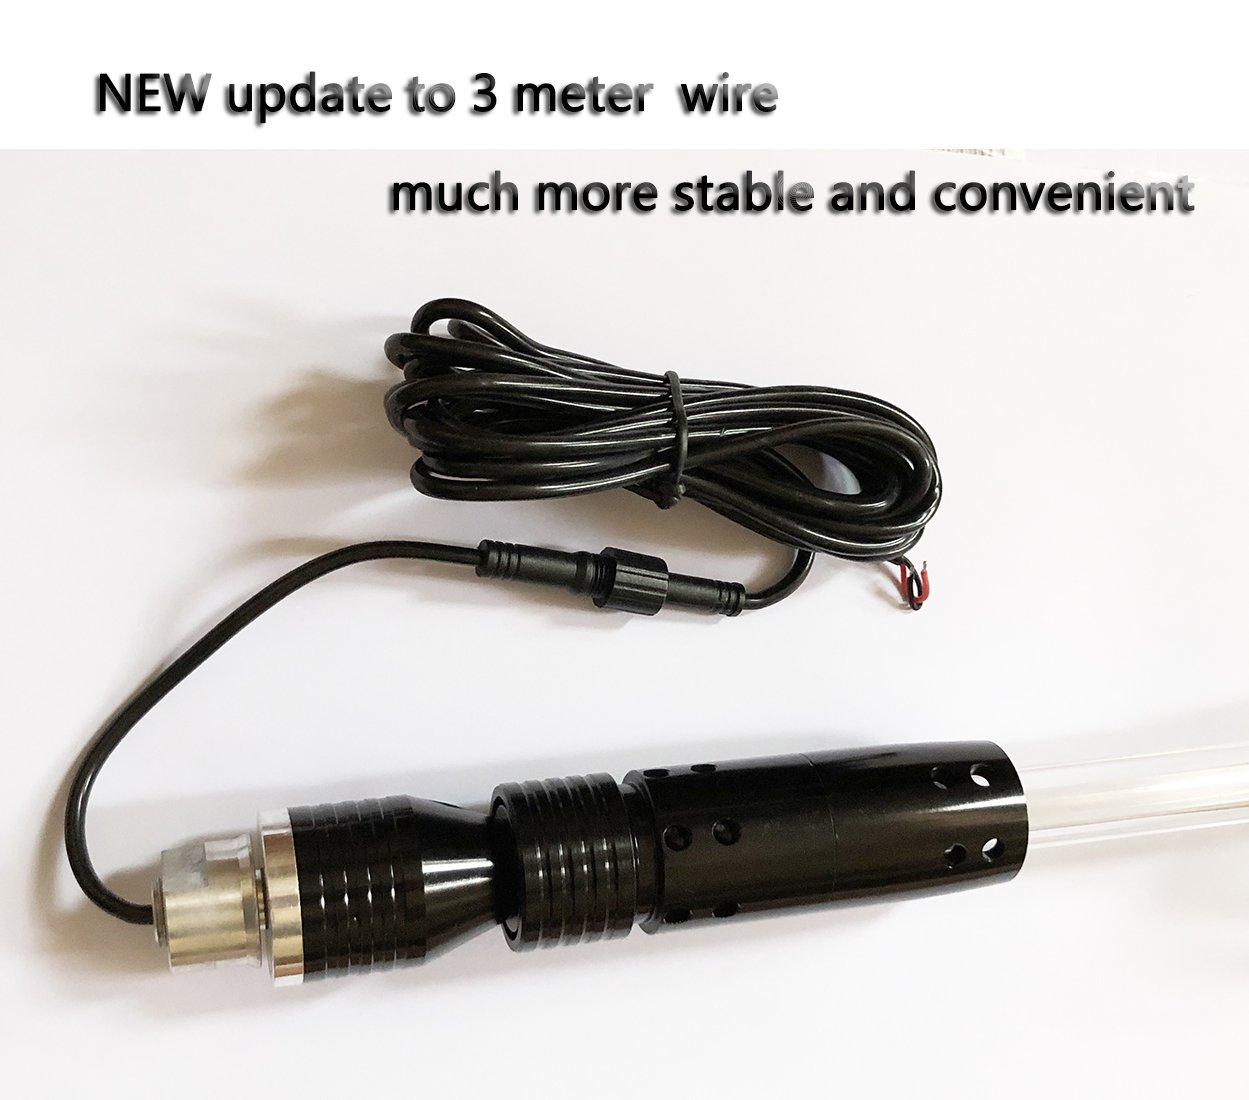 Road ATV Utv Atv Whips 4FT Orange LightBuddy LED Whip Fiber Optic Quick Disconnect Off